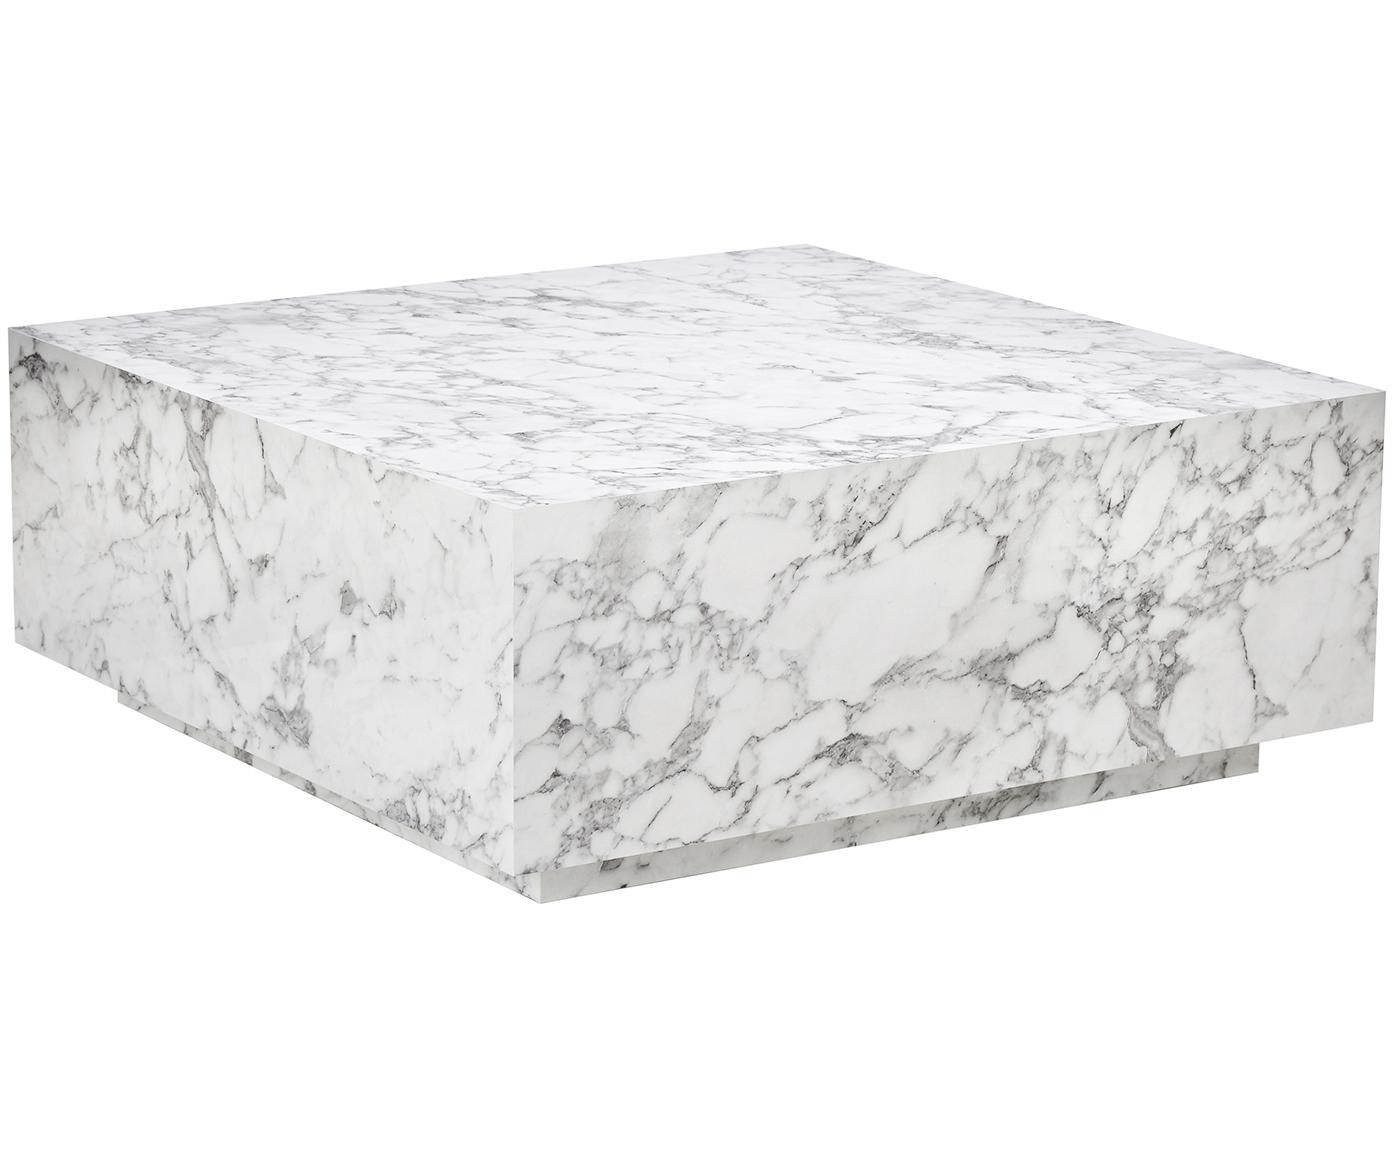 Schwebender Couchtisch Lesley in Marmoroptik, Mitteldichte Holzfaserplatte (MDF), mit Melaminfolie überzogen, Weiß, marmoriert, B 90 x T 90 cm